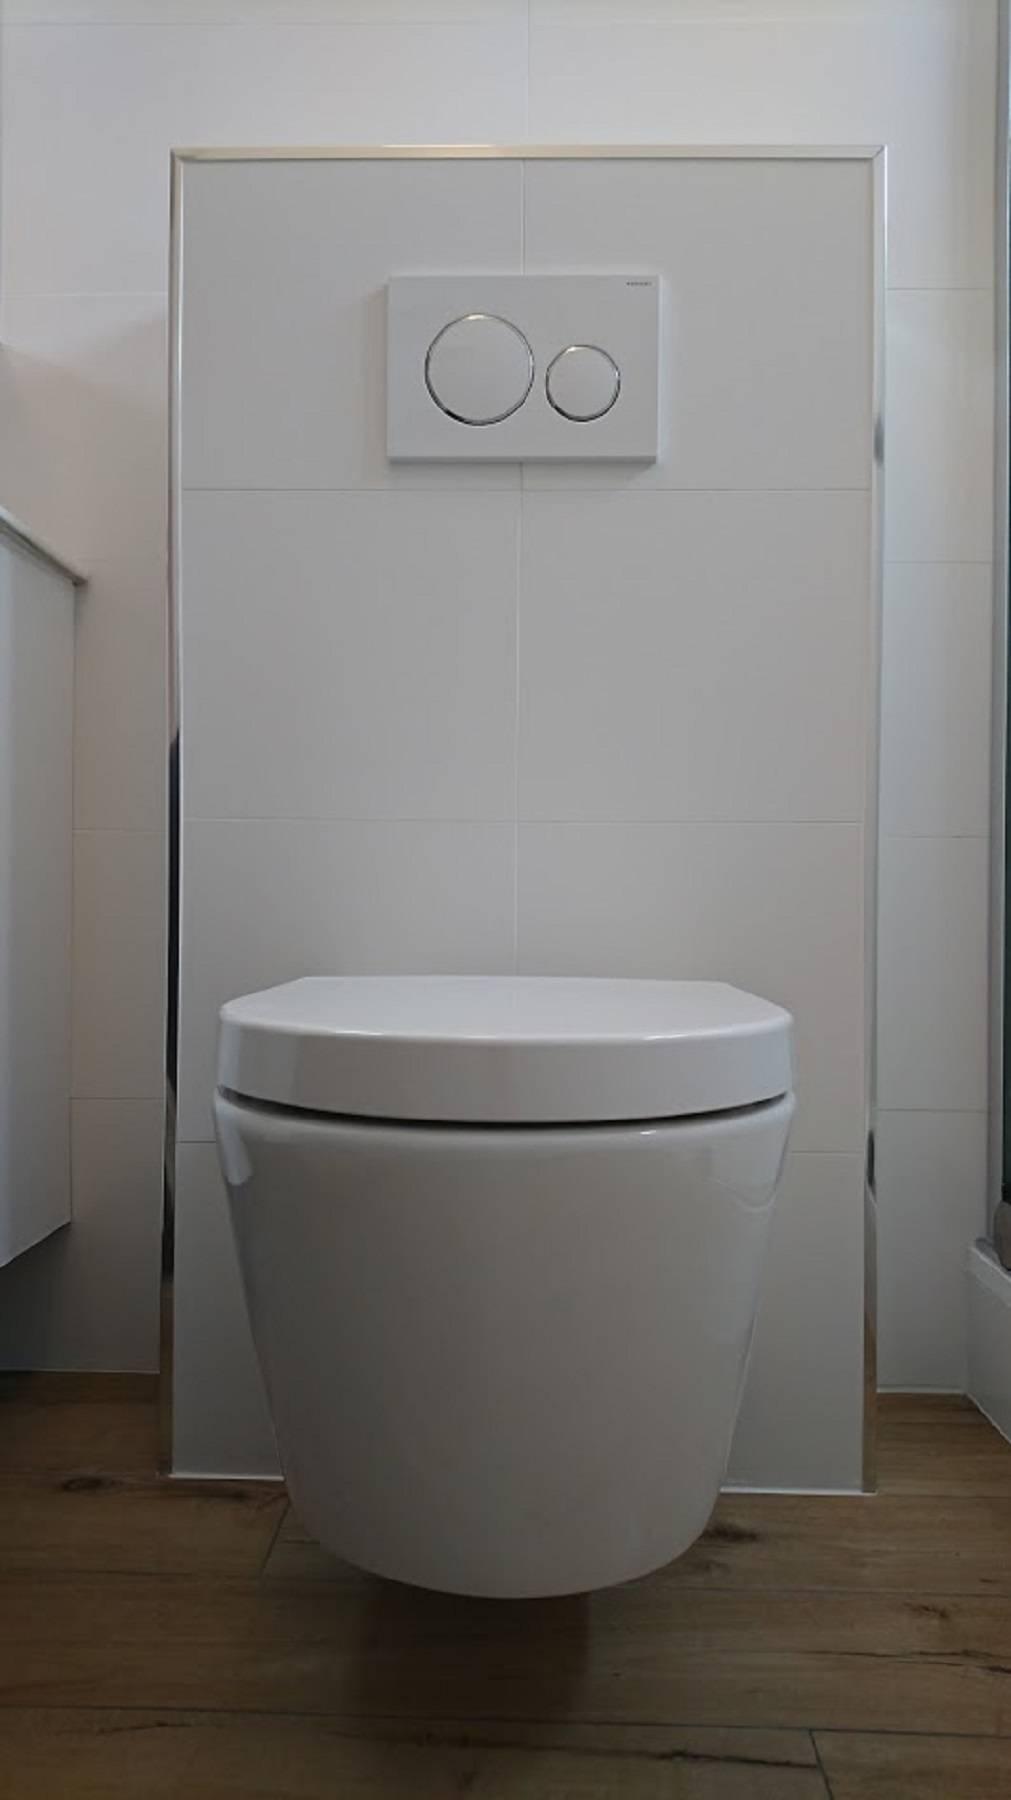 Cuvette De Wc Suspendu Geberit plombier pour la création d'un wc suspendu de marque geberit